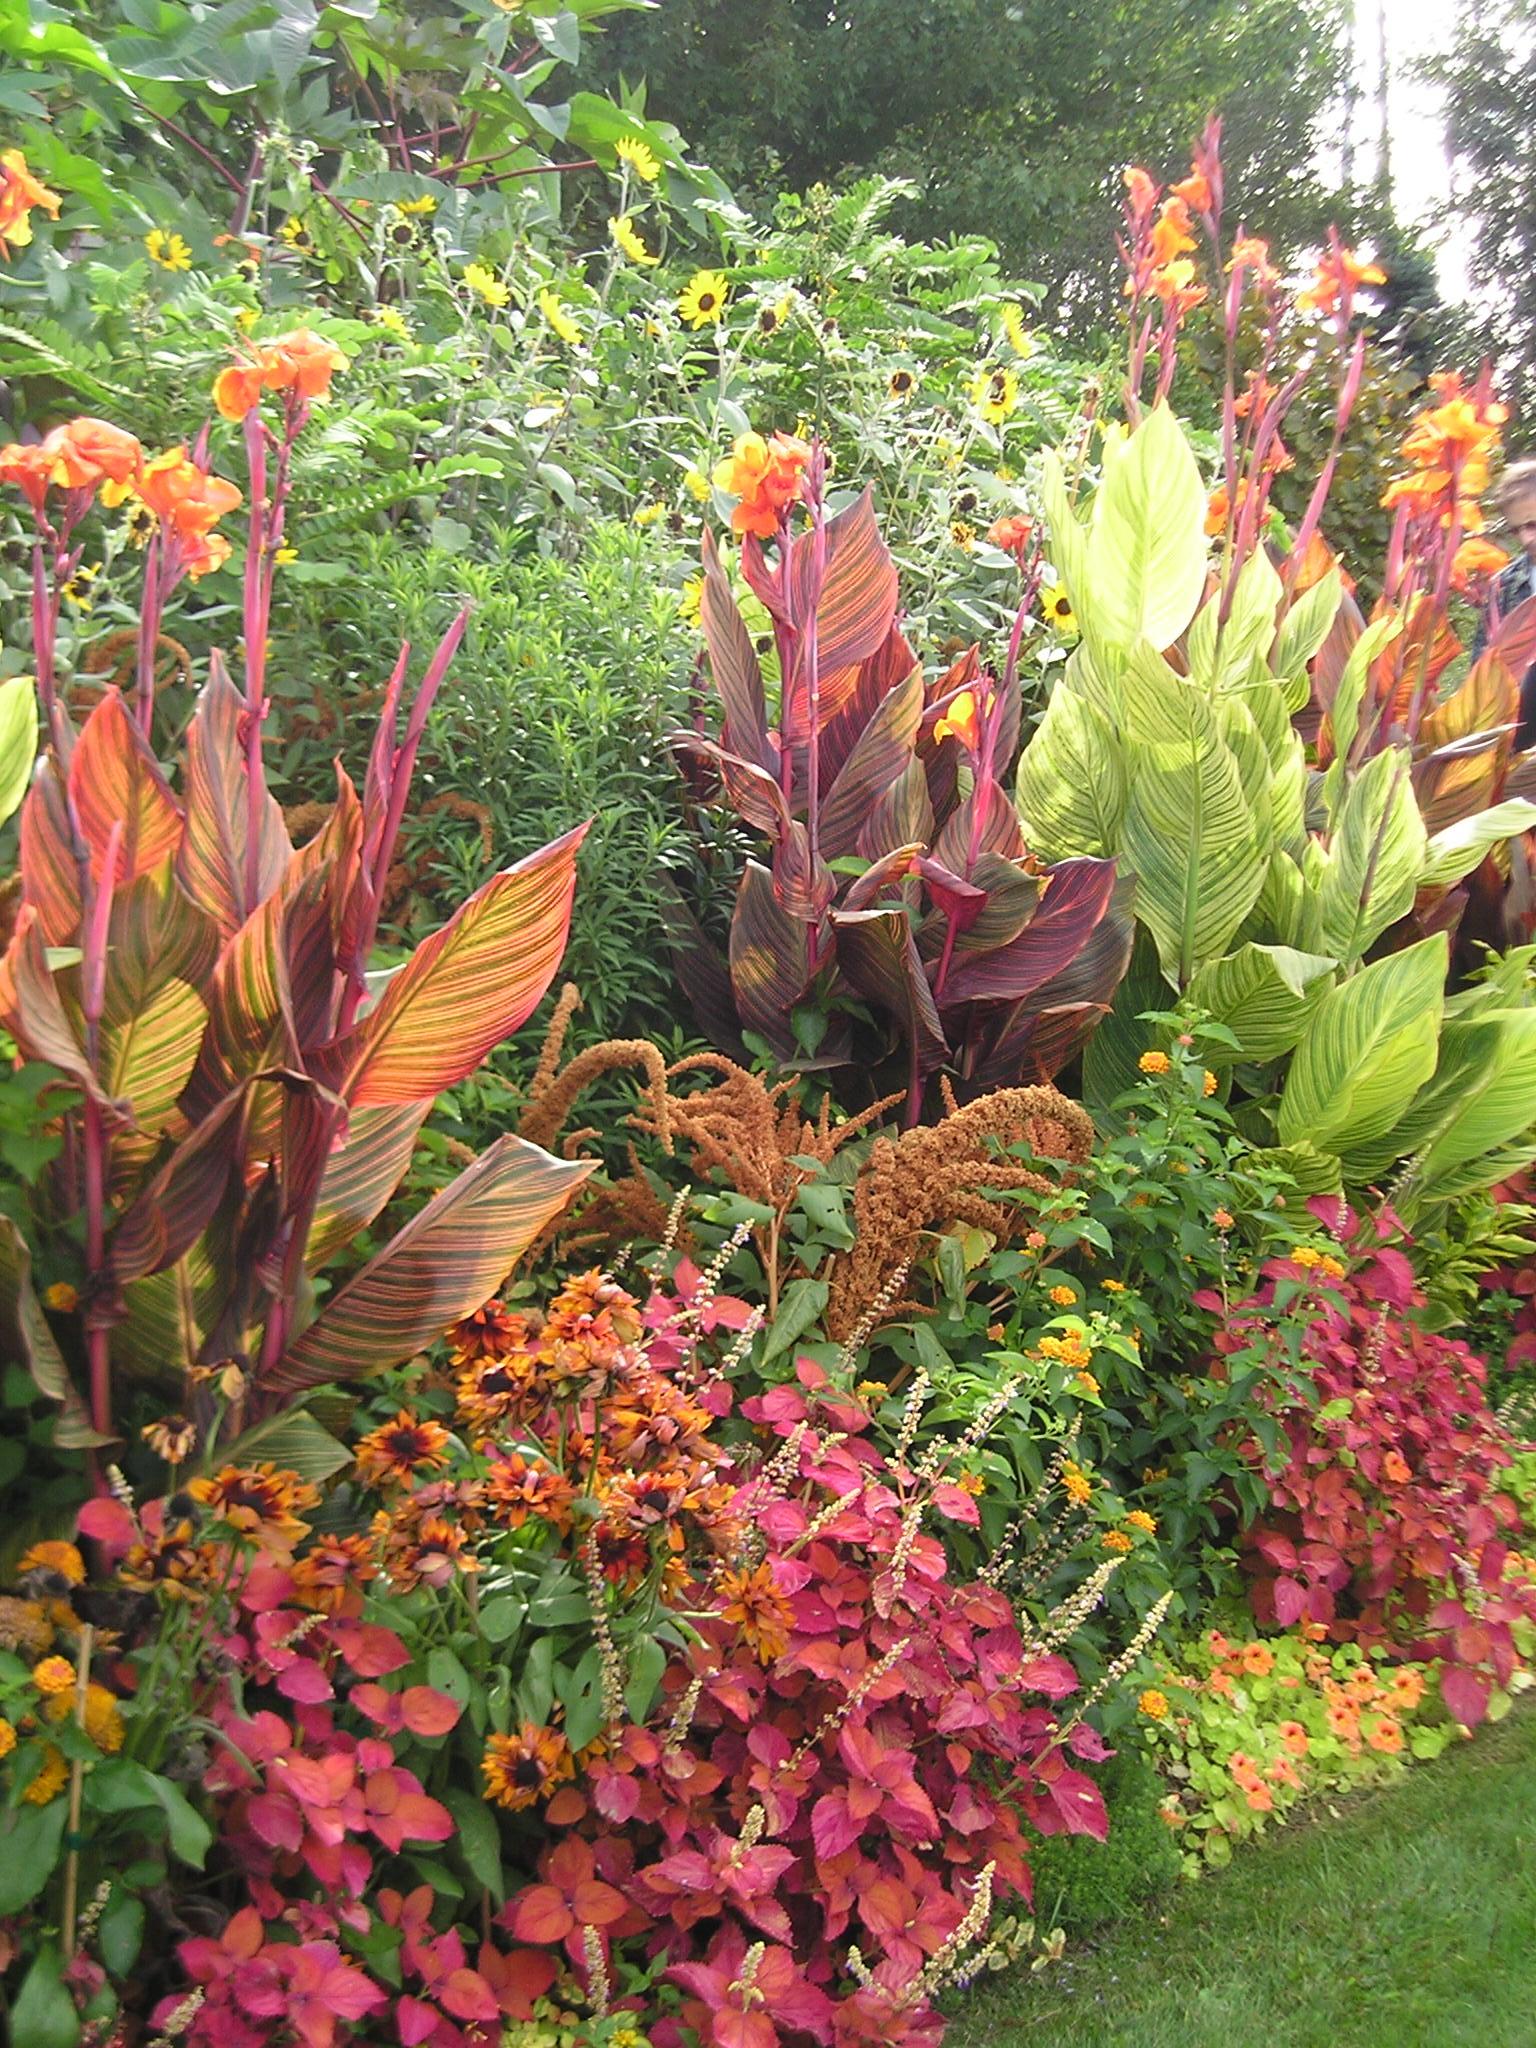 Wow plants for your summer garden tropicanna canna lilies canna lilies are wow plants for your summer garden longfield gardens izmirmasajfo